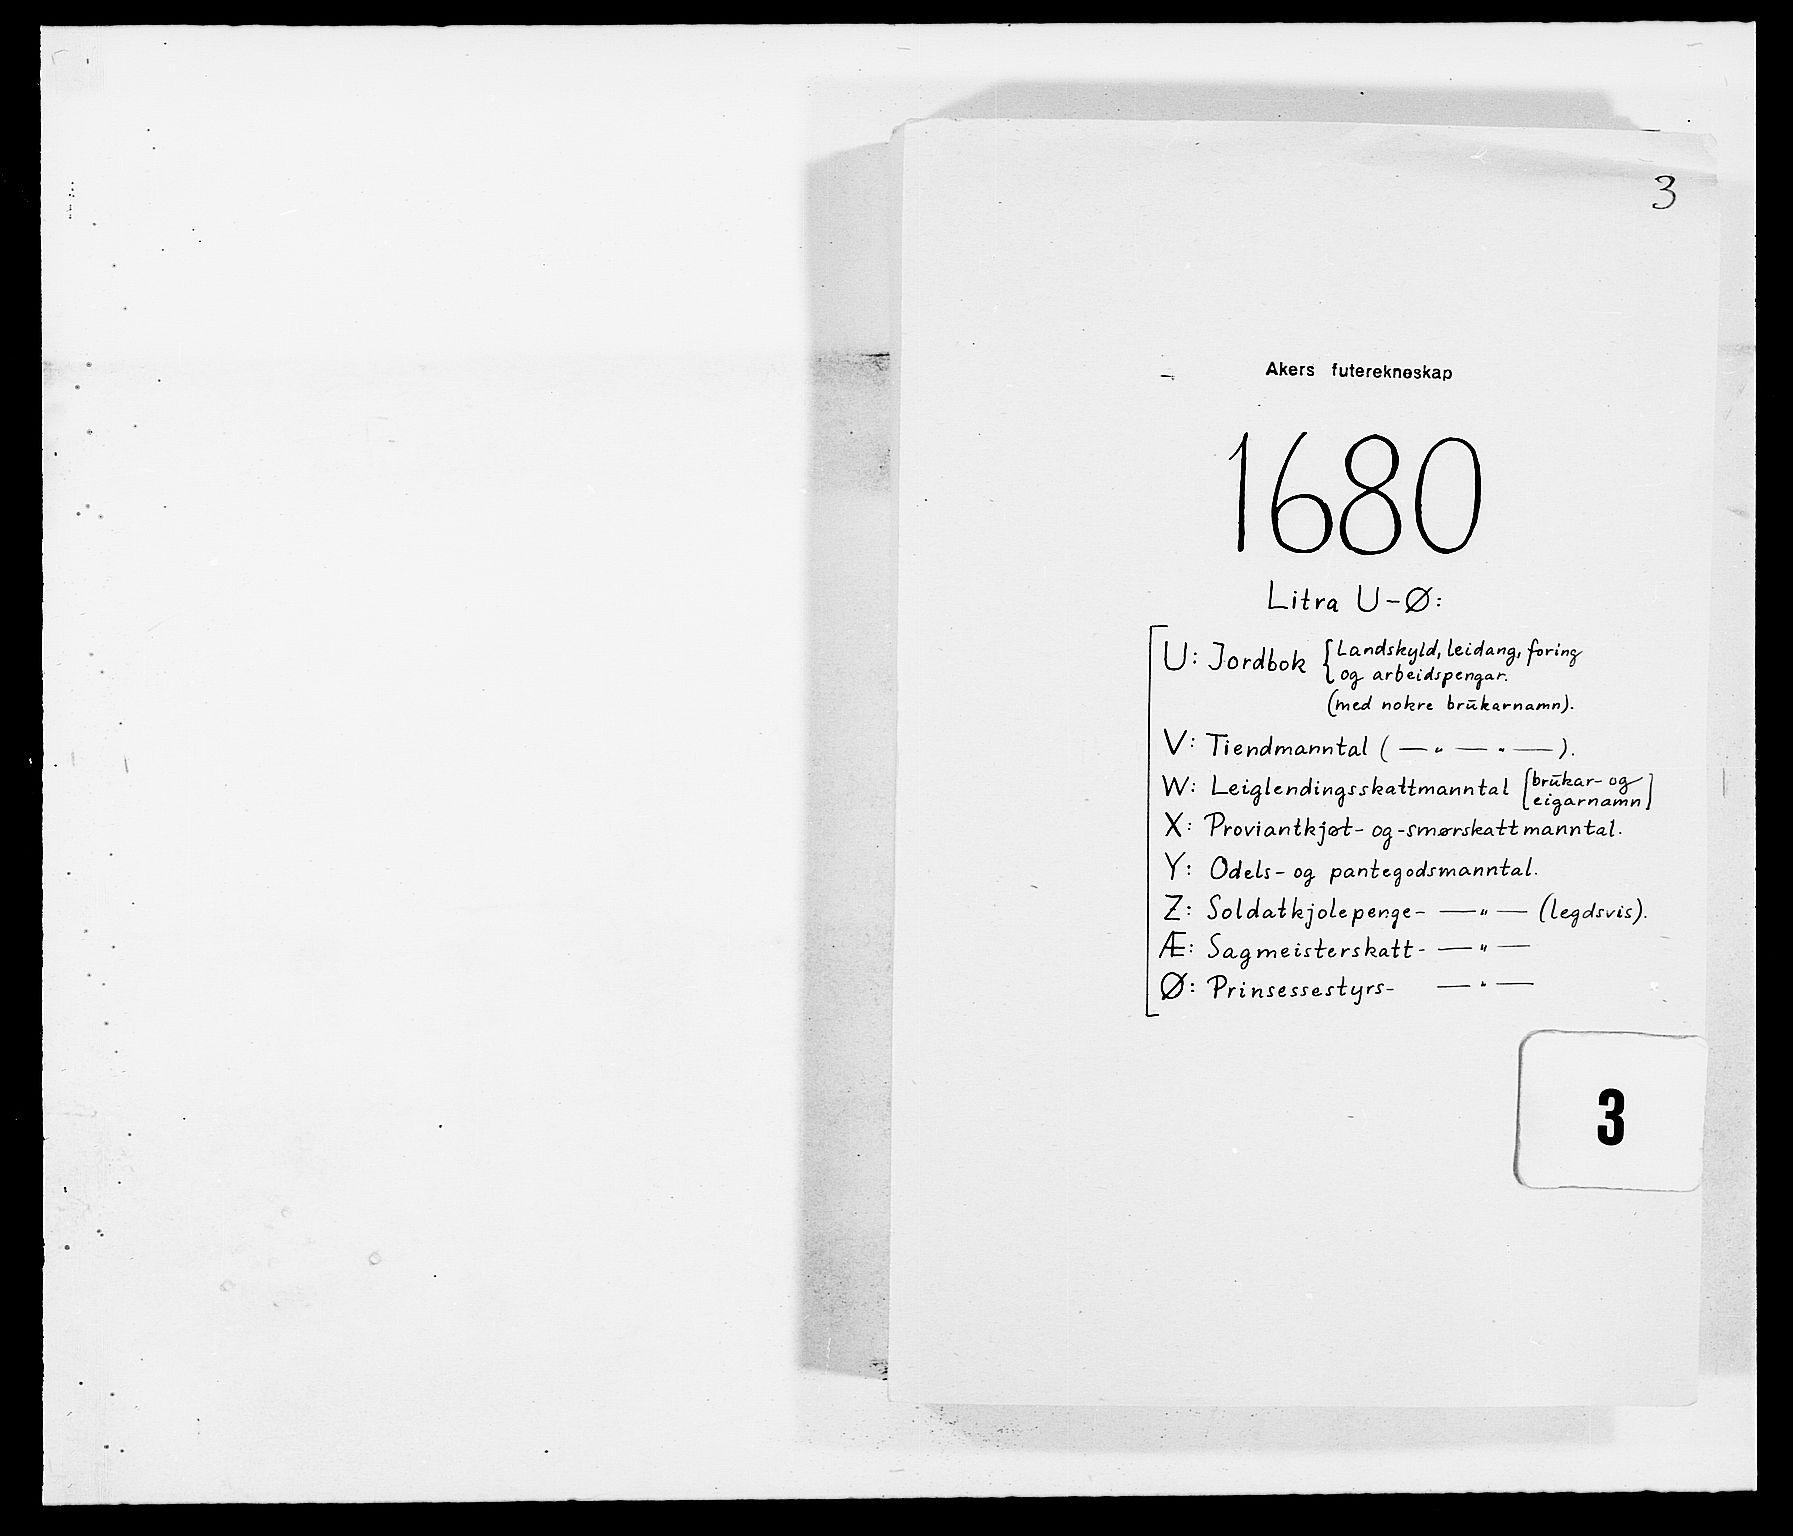 RA, Rentekammeret inntil 1814, Reviderte regnskaper, Fogderegnskap, R08/L0417: Fogderegnskap Aker, 1678-1681, s. 1